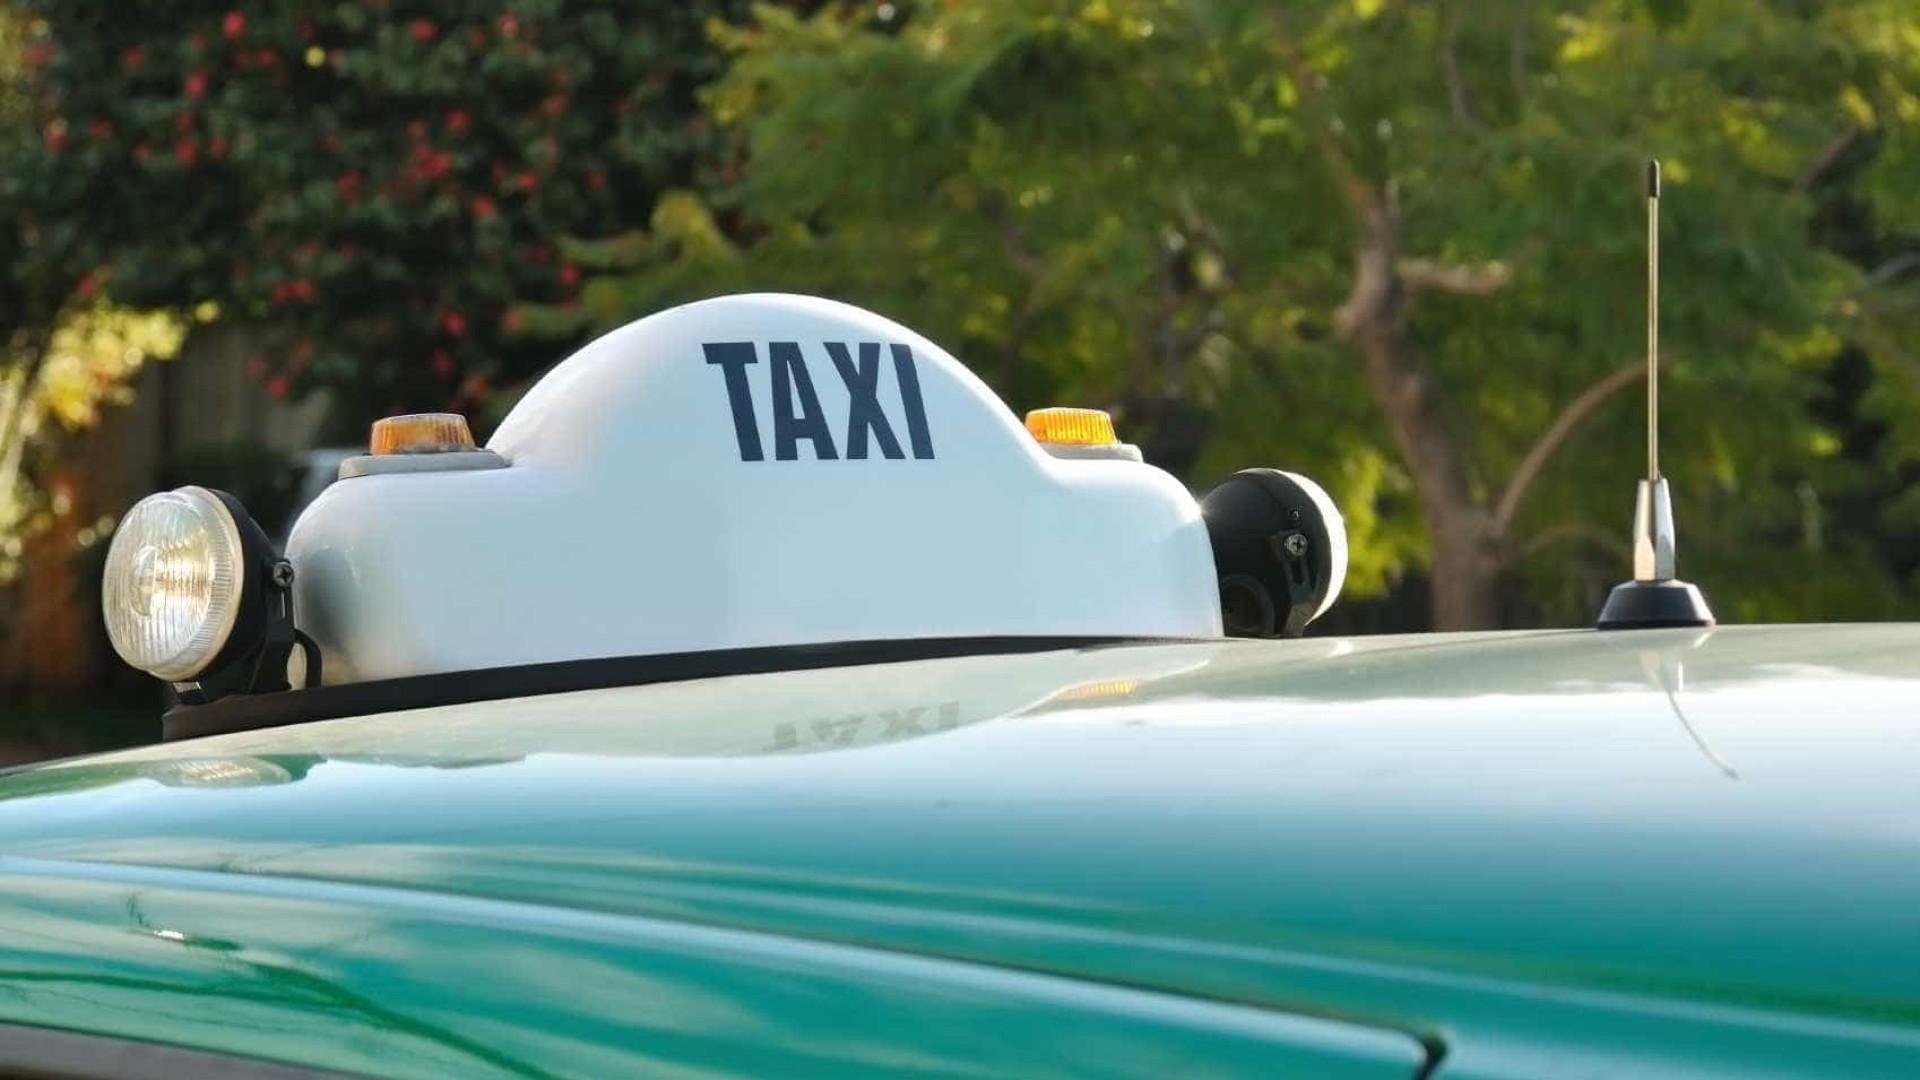 Taxistas seguem paralisados em Faro e antevêm quarta noite no local